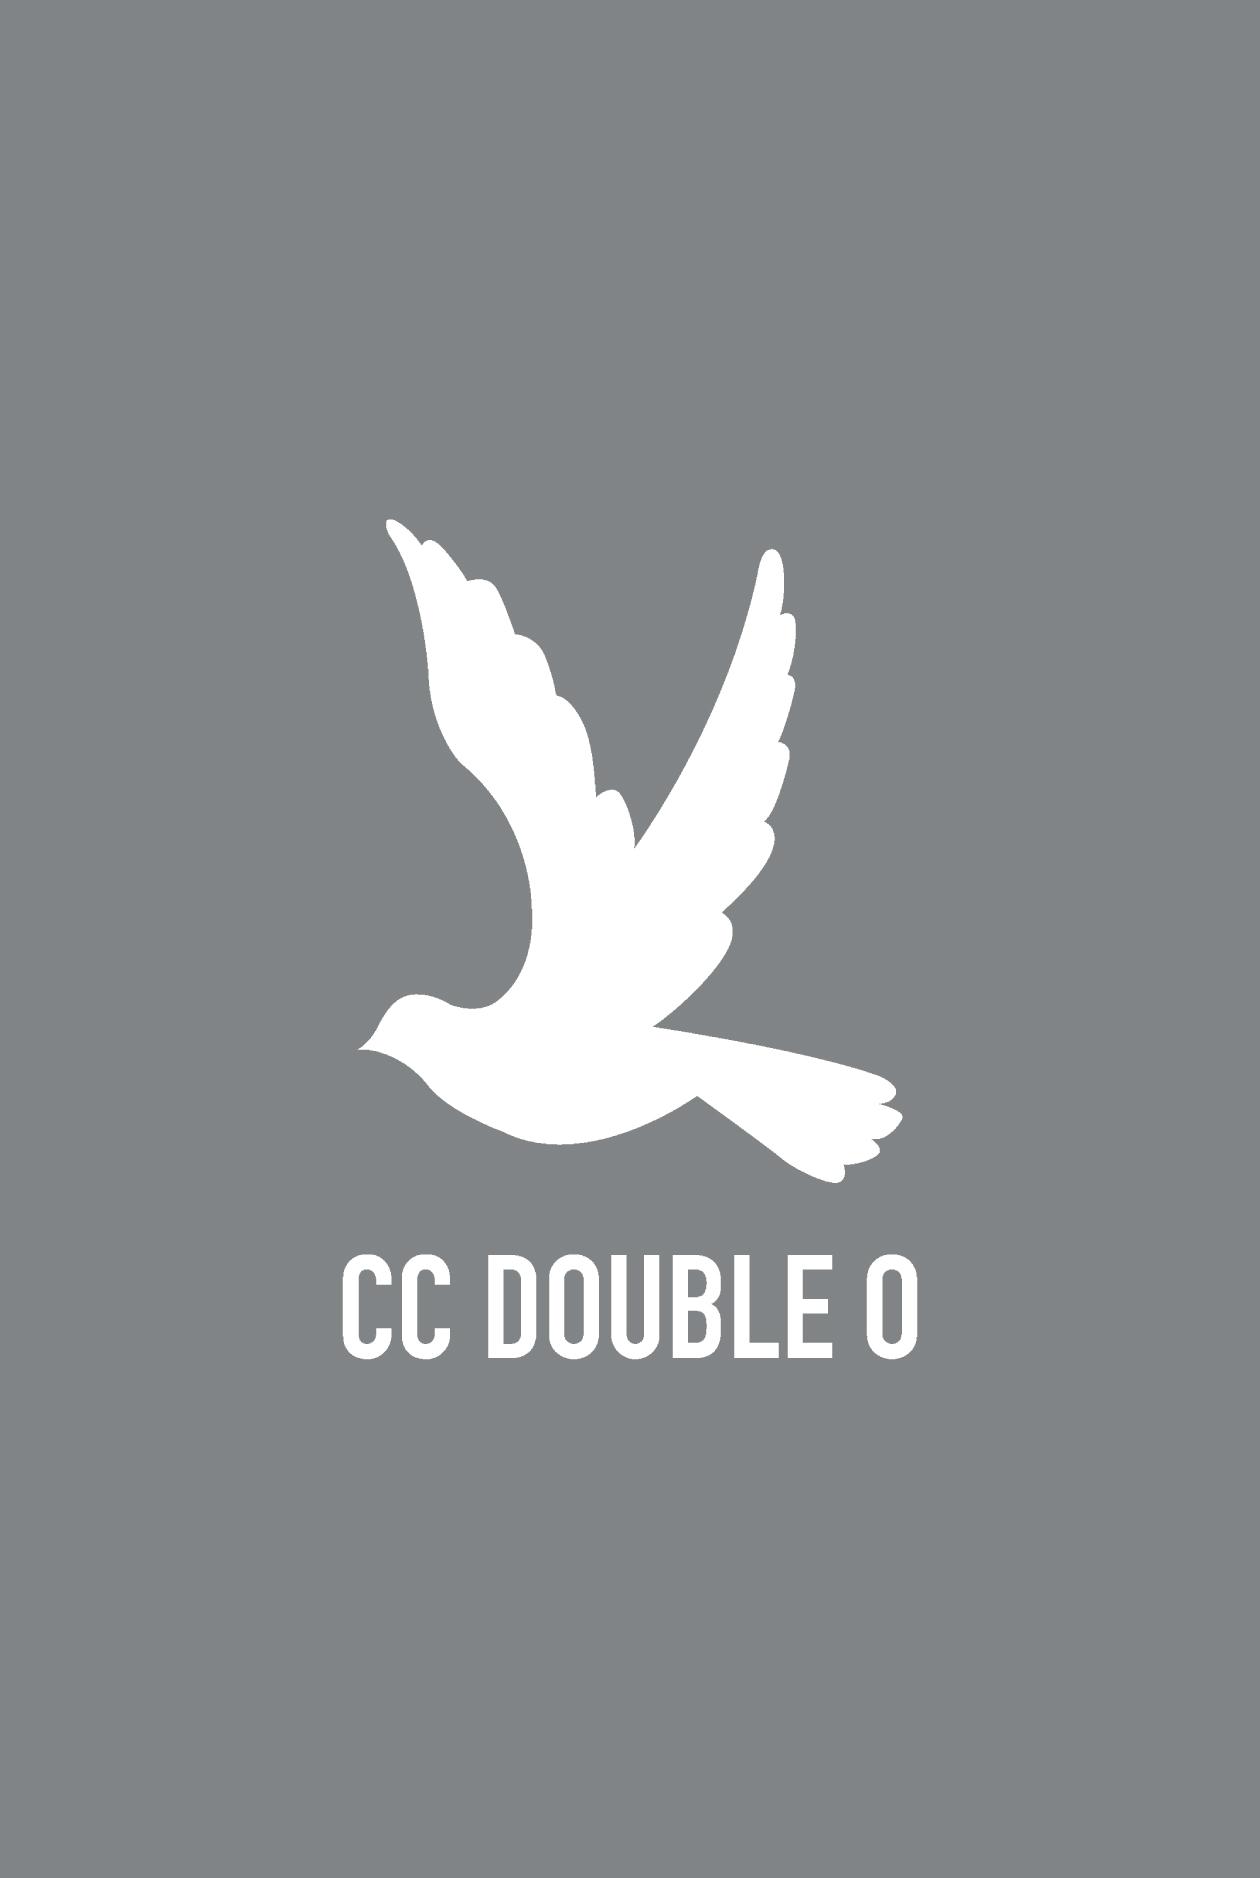 CC DOUBLE O Logo Flip Flops